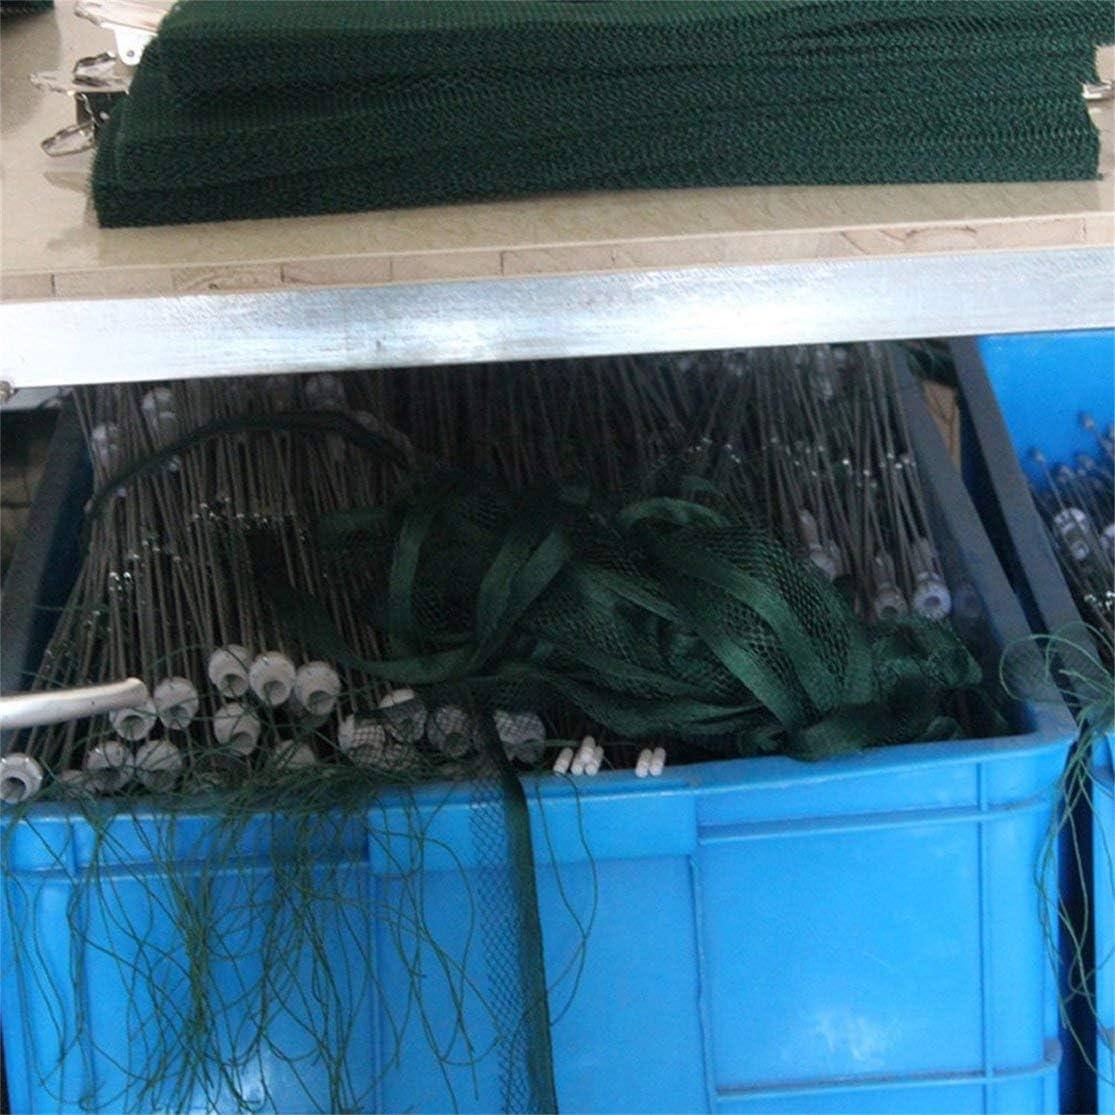 LouiseEvel215 12 Agujeros Nylon Red de Pesca Autom/ática Camar/ón Jaula Plegable Pesca Cangrejo Trampa de Pescado Reparto de la Red Fundido Accesorios de Pesca